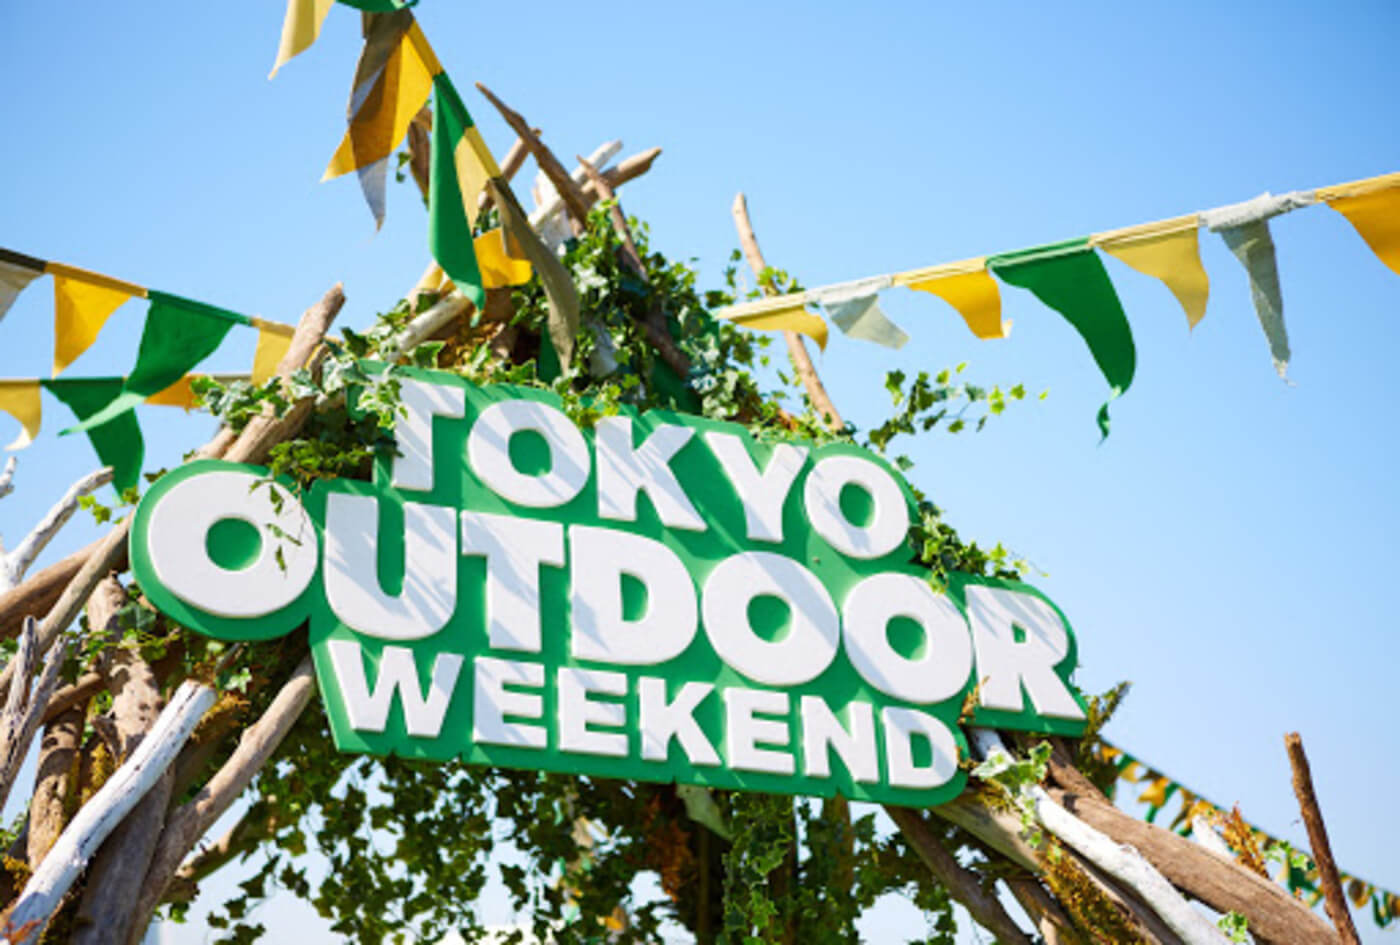 TOKYO OUTDOOR WEEKEND 2020 | 東京(東京臨海広域防災公園)